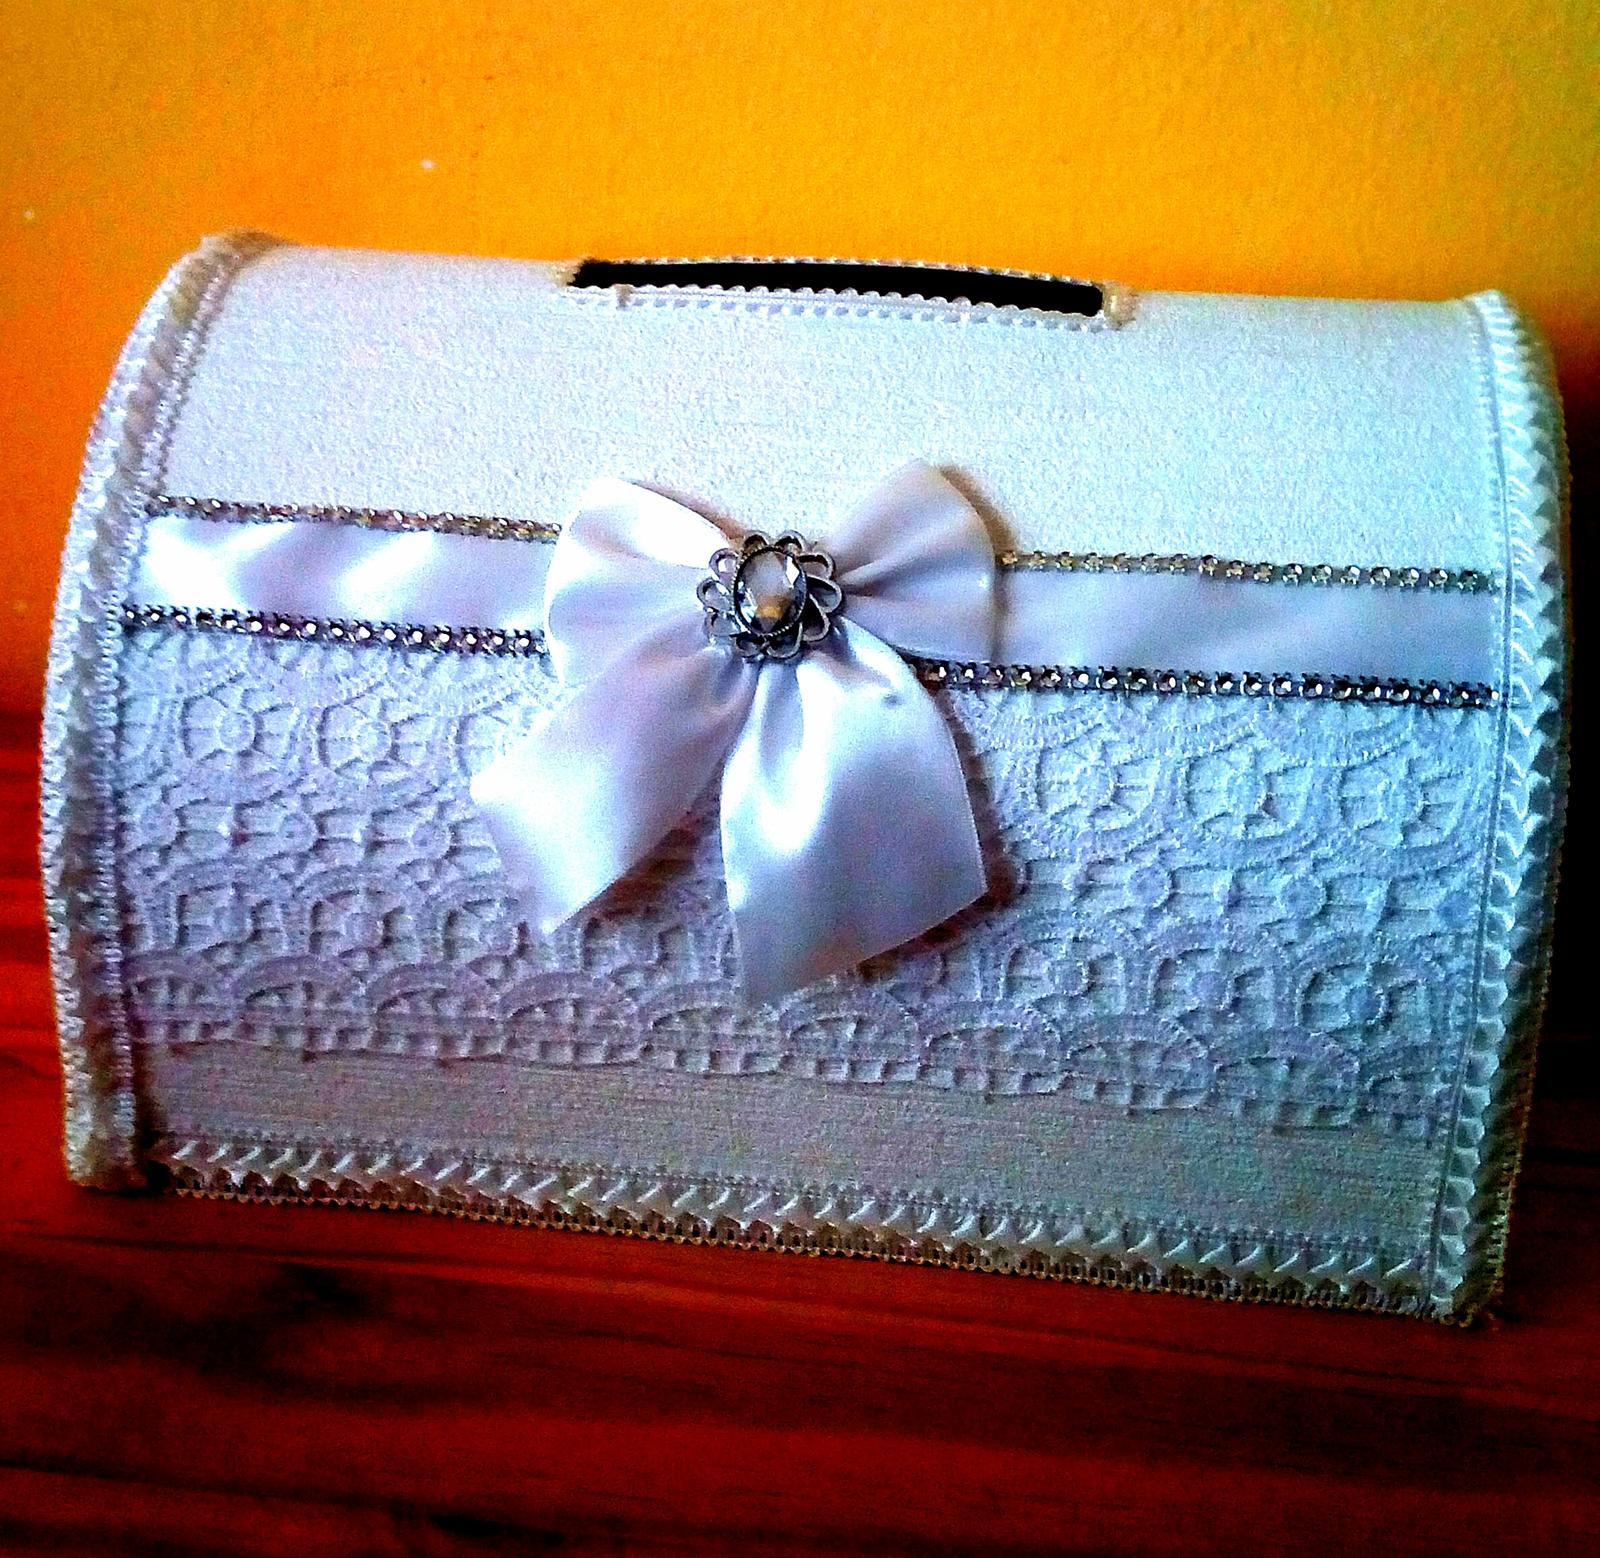 4dc89eabd997 Exkluzivna kabelka na svadobne dary a telegramy